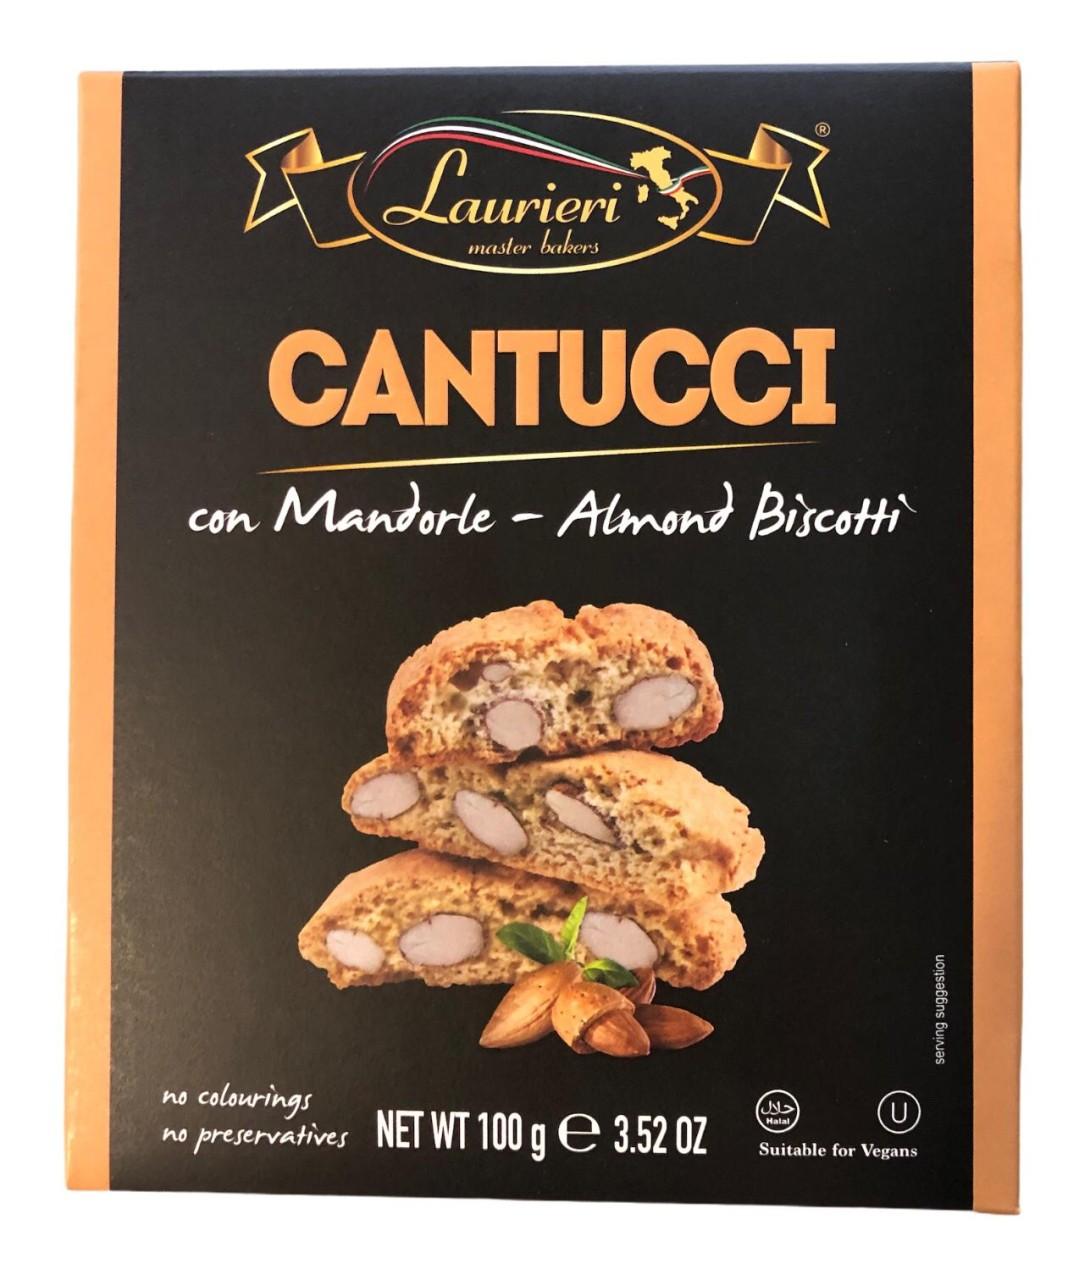 Laurieri Cantucci con Mandorle - Almond Biscotti 100g